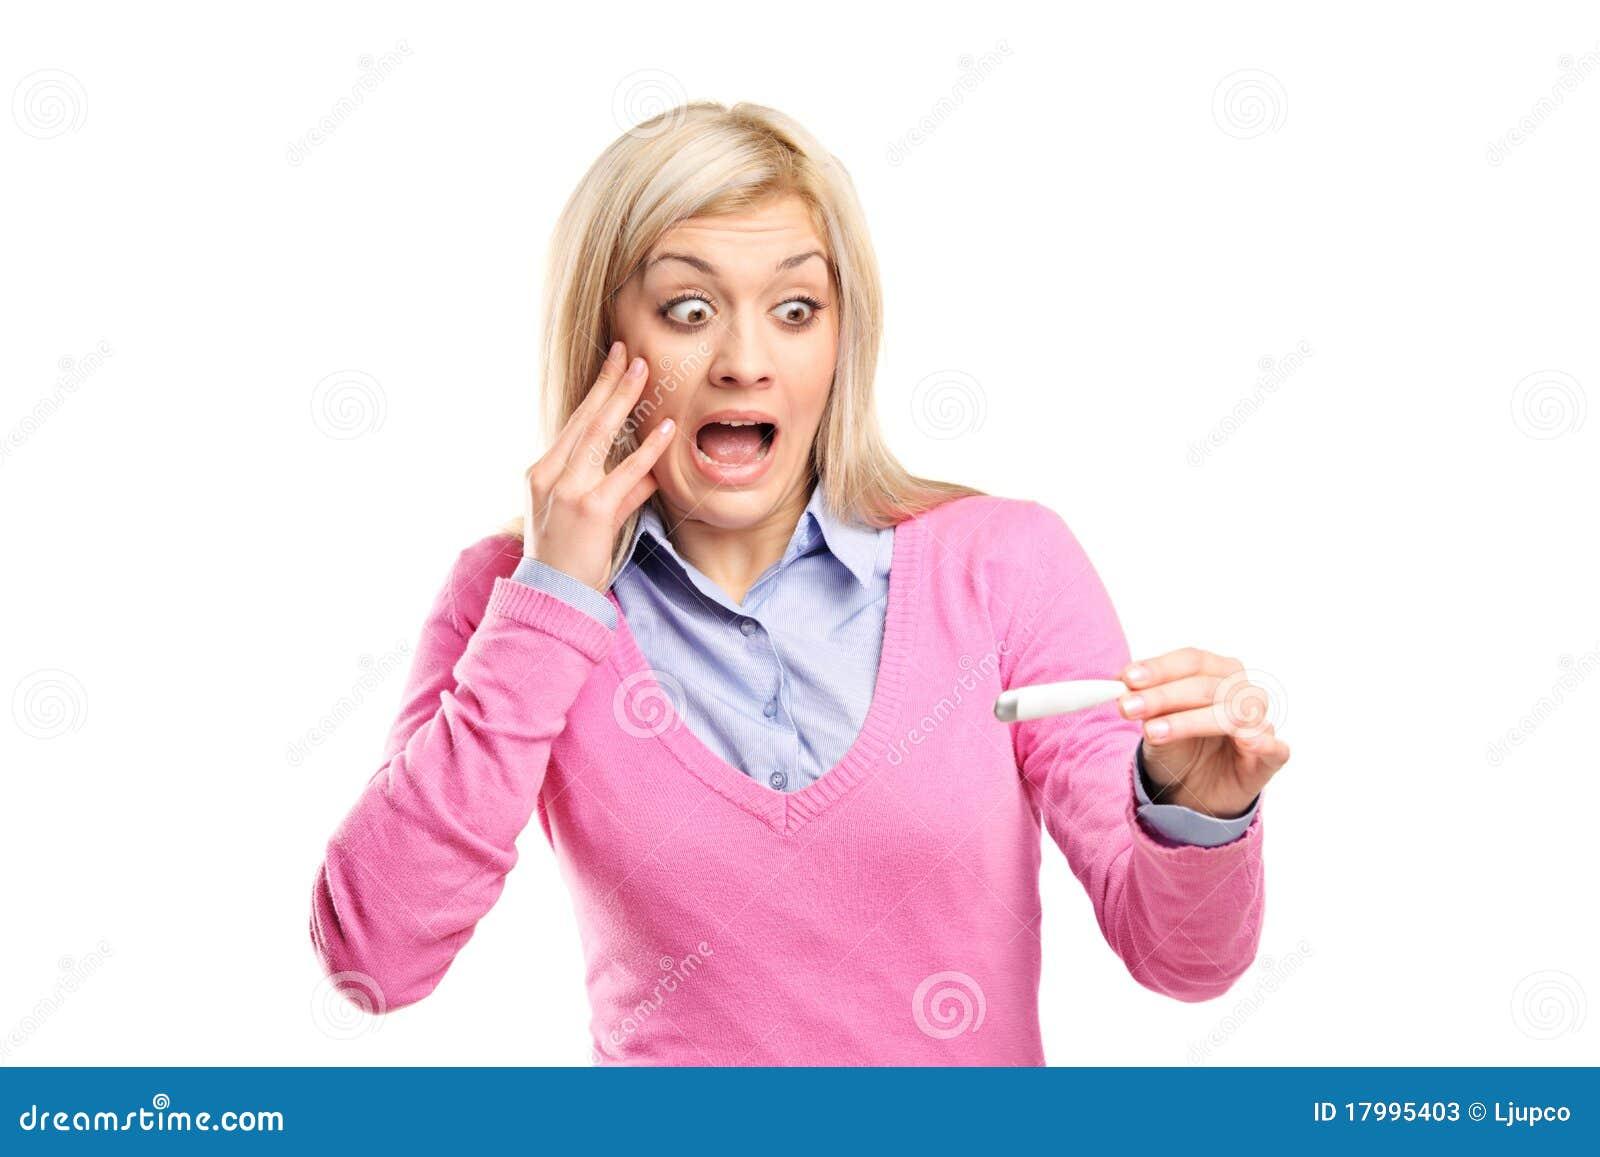 Mujer asustada que lleva a cabo una prueba de embarazo positiva